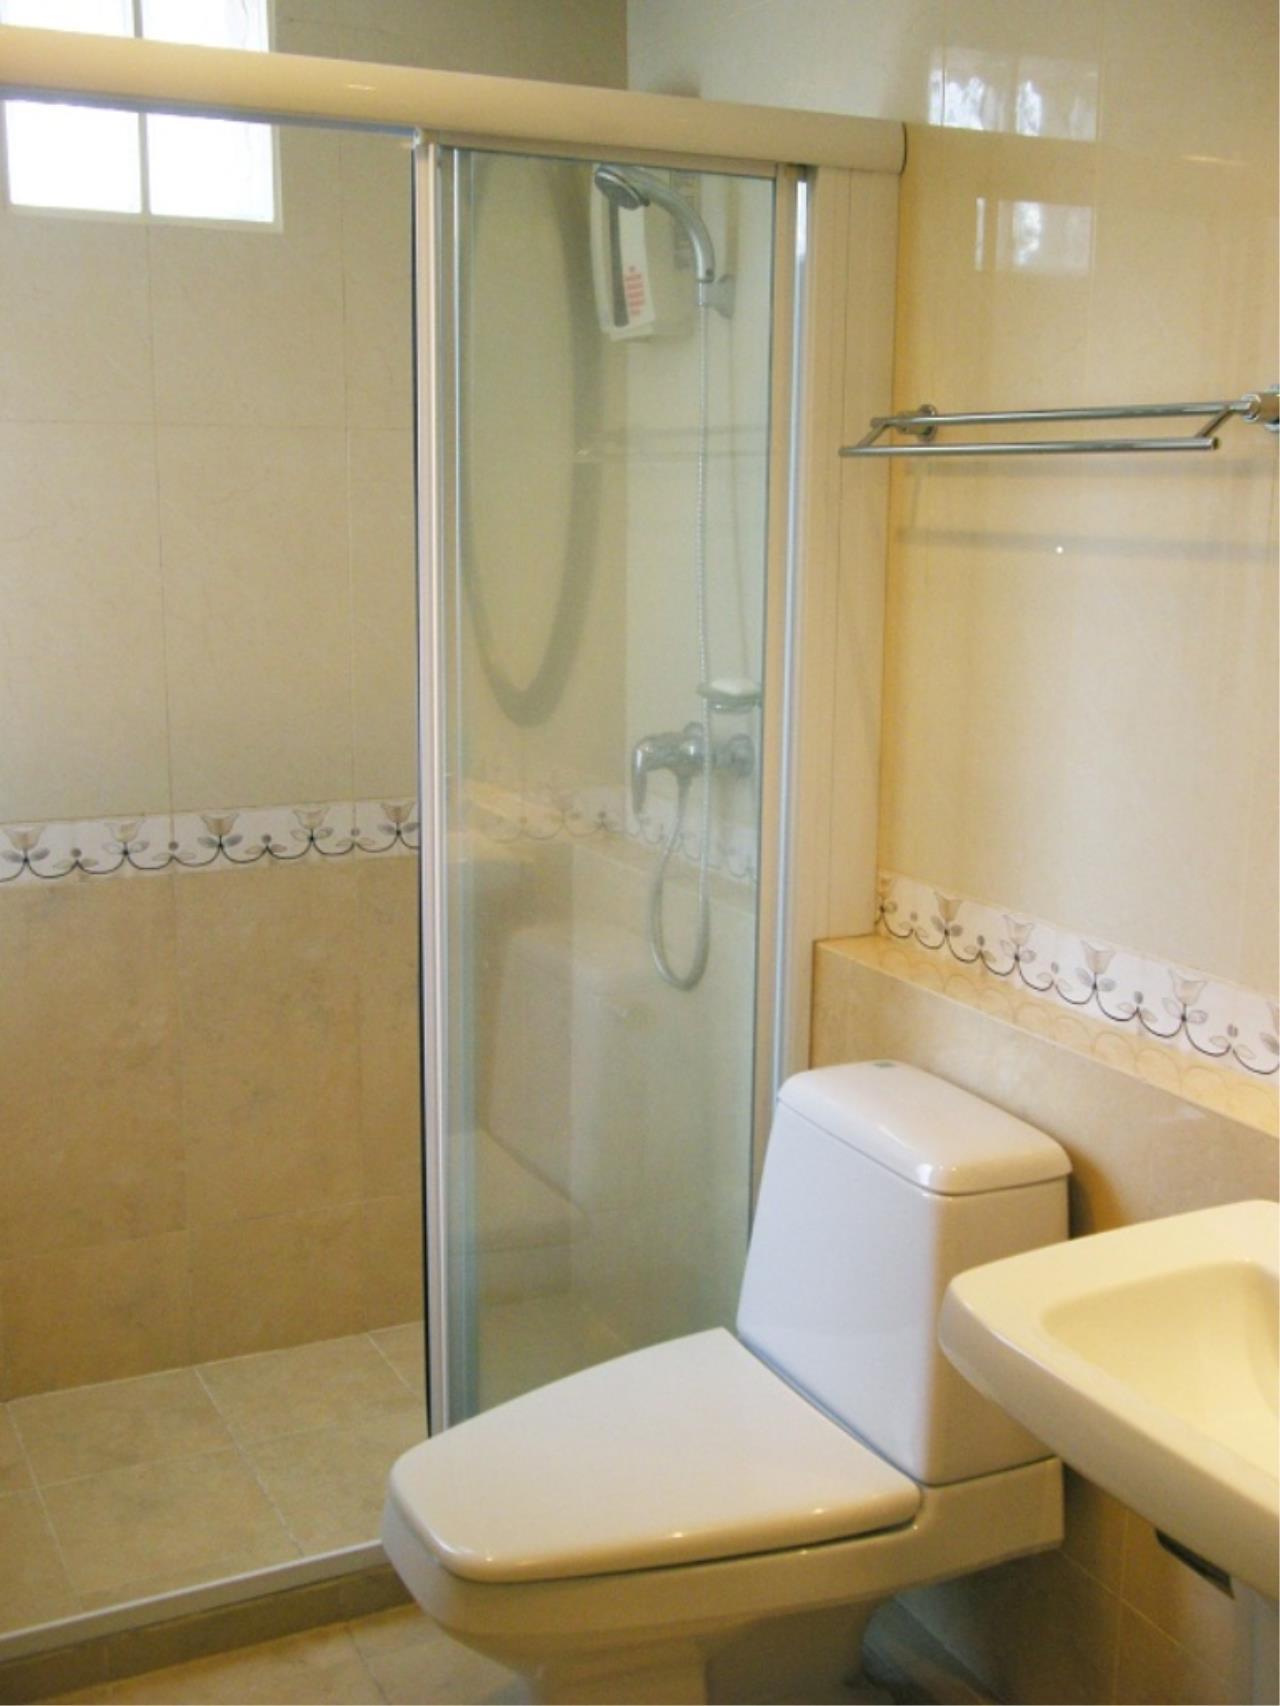 Century21 Skylux Agency's The Bangkok Narathiwas Ratchanakarint / Condo For Rent / 2 Bedroom / 80 SQM / BTS Chong Nonsi / Bangkok 5